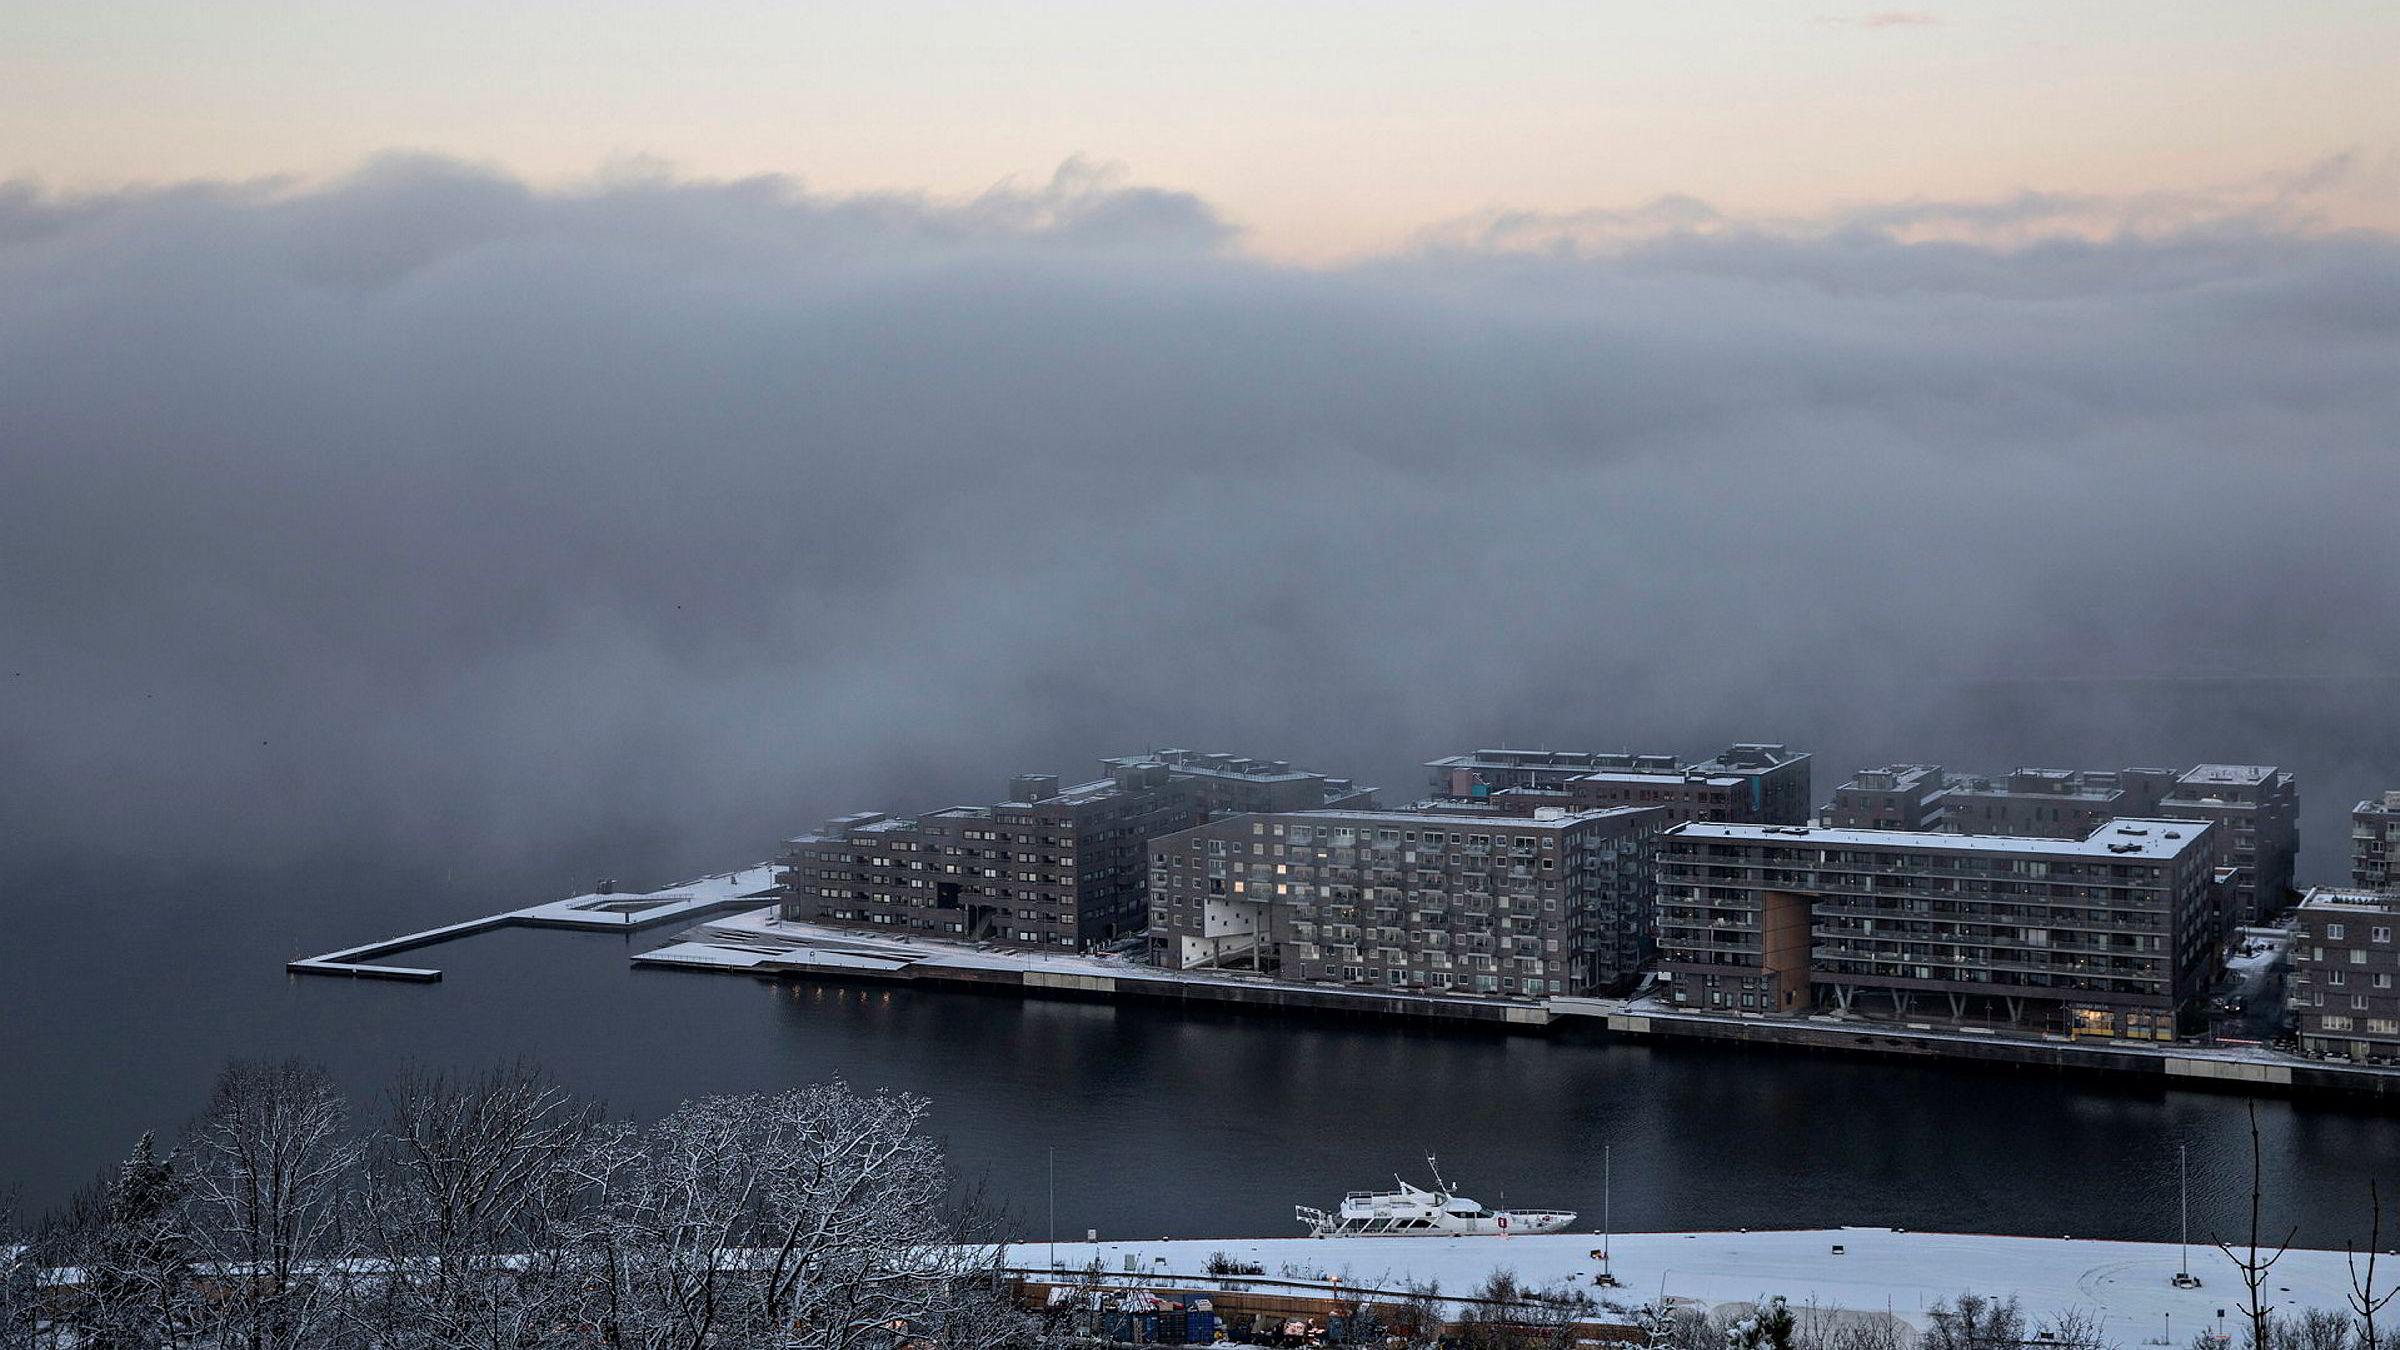 Det er flere grunner til at nordmenn eier så mye eiendom. Først og fremst trenger vi jo et sted å bo og kanskje et sted å feriere, samtidig som det er et sosialt stigma blant godt voksne nordmenn å ikke eie disse stedene, skriver artikkelforfatteren.